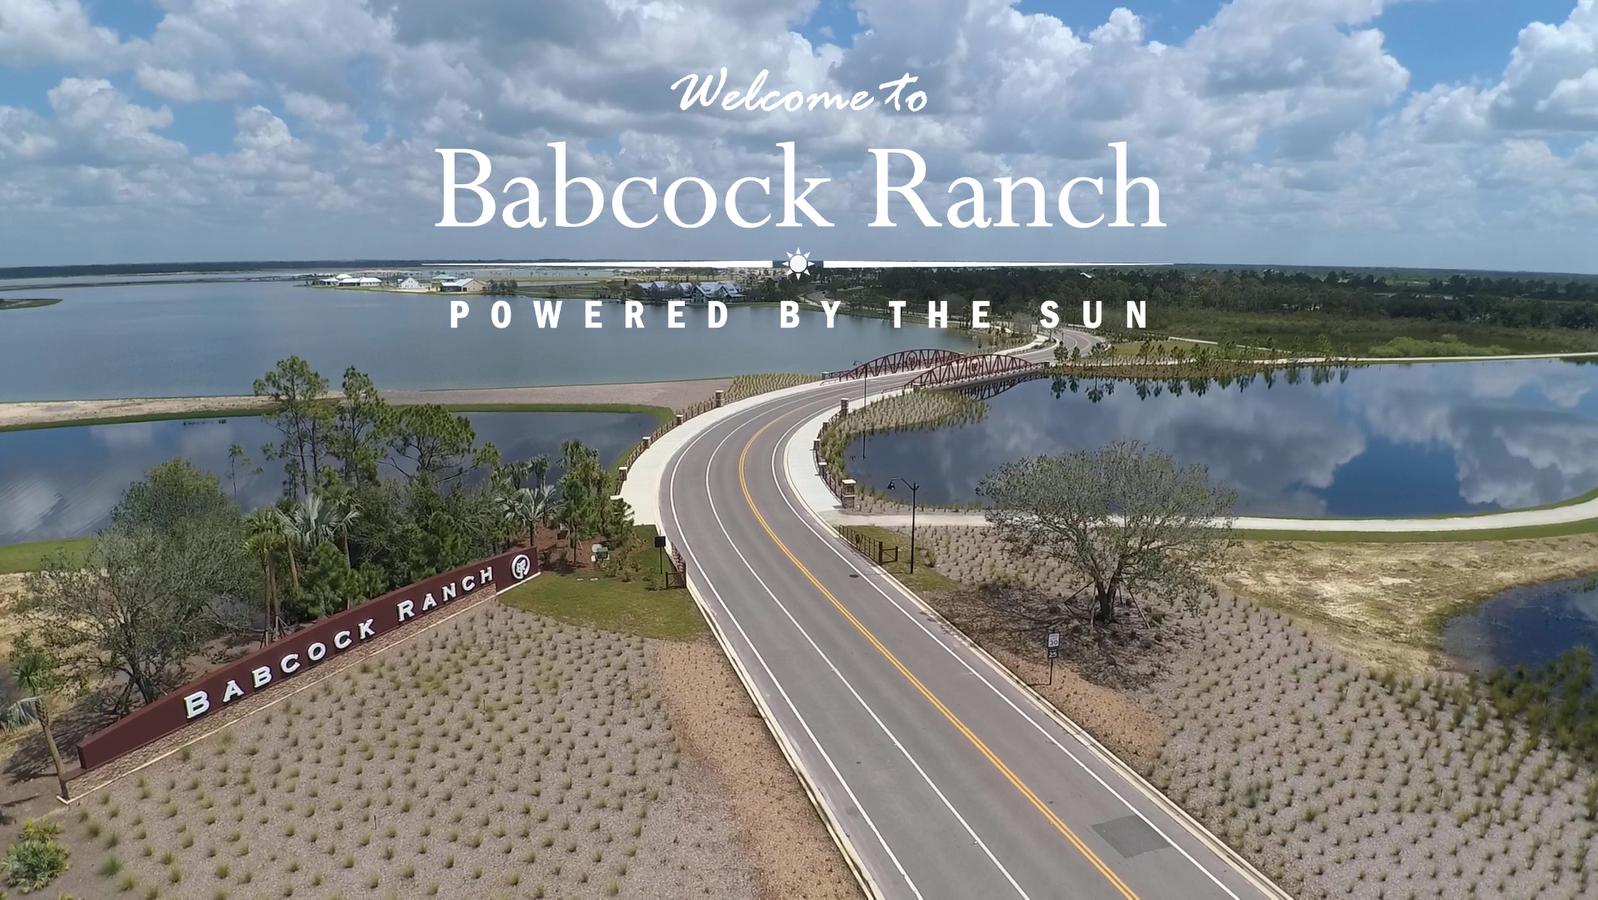 Babcock Ranch Feb 2018 Update